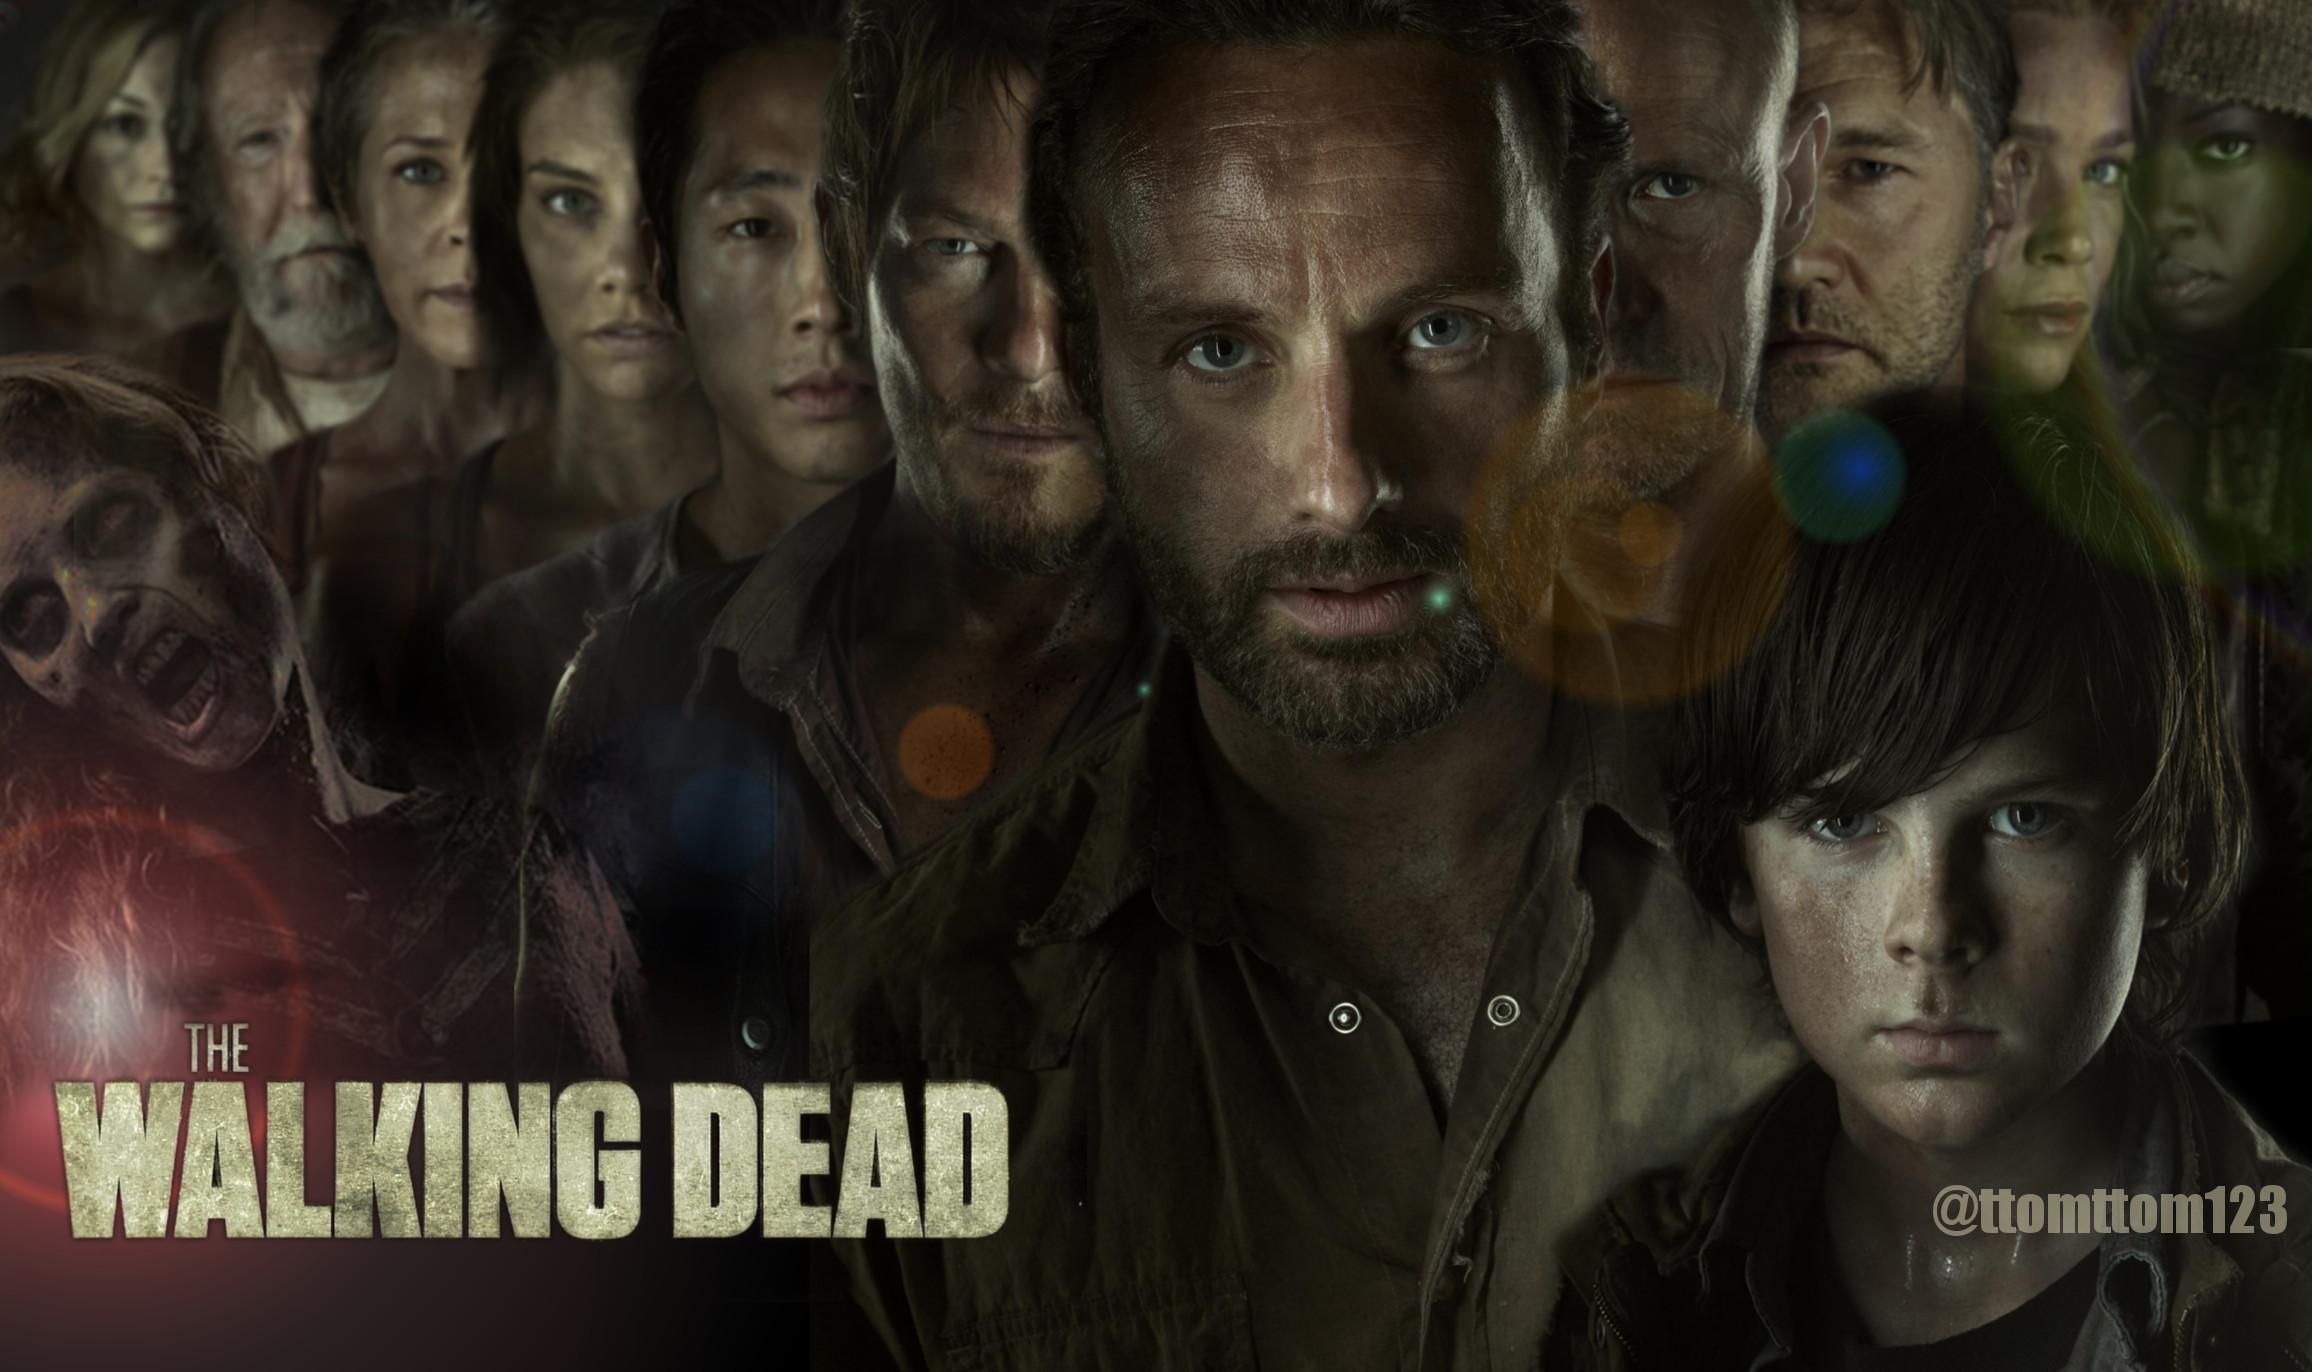 Walking Dead Season 6 Wallpaper File:walking Dead Cool Second